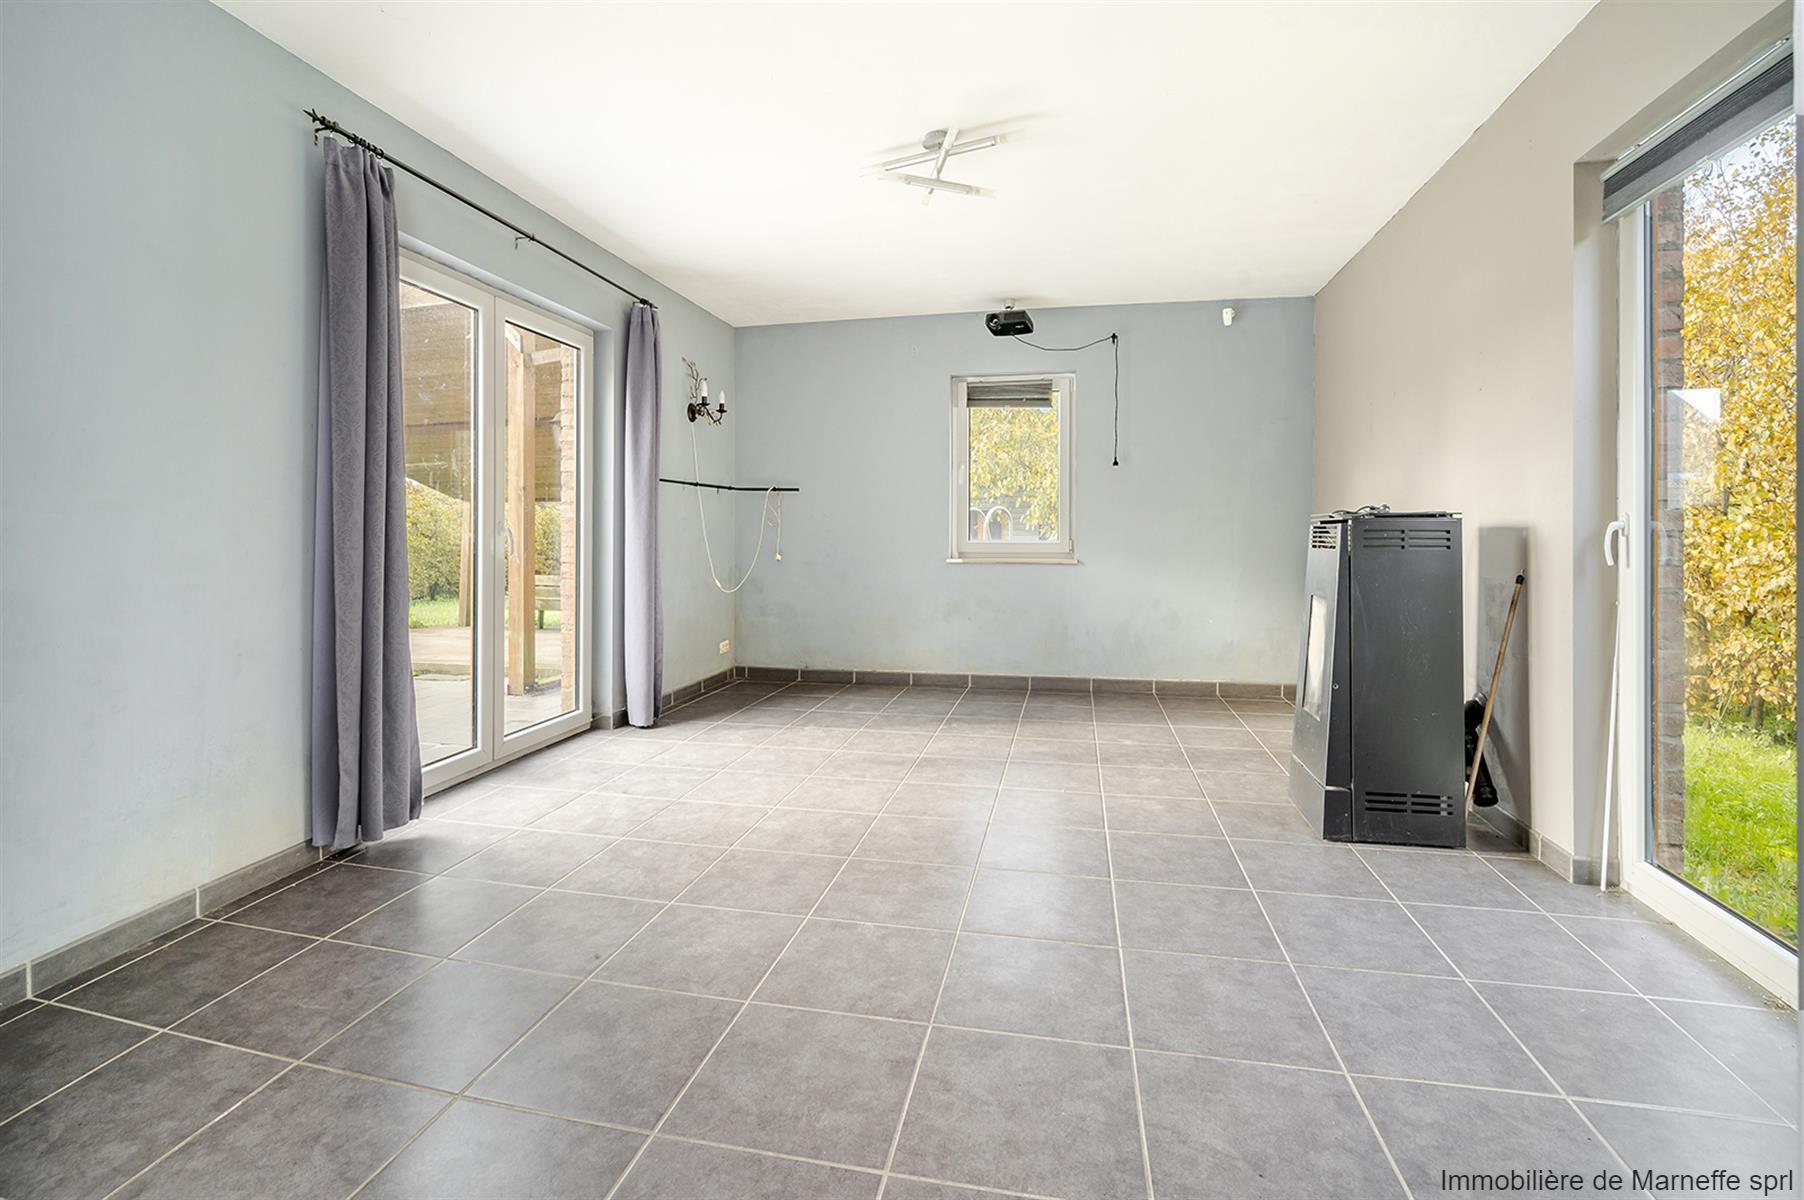 Maison - Villers-le-Bouillet - #4191827-13